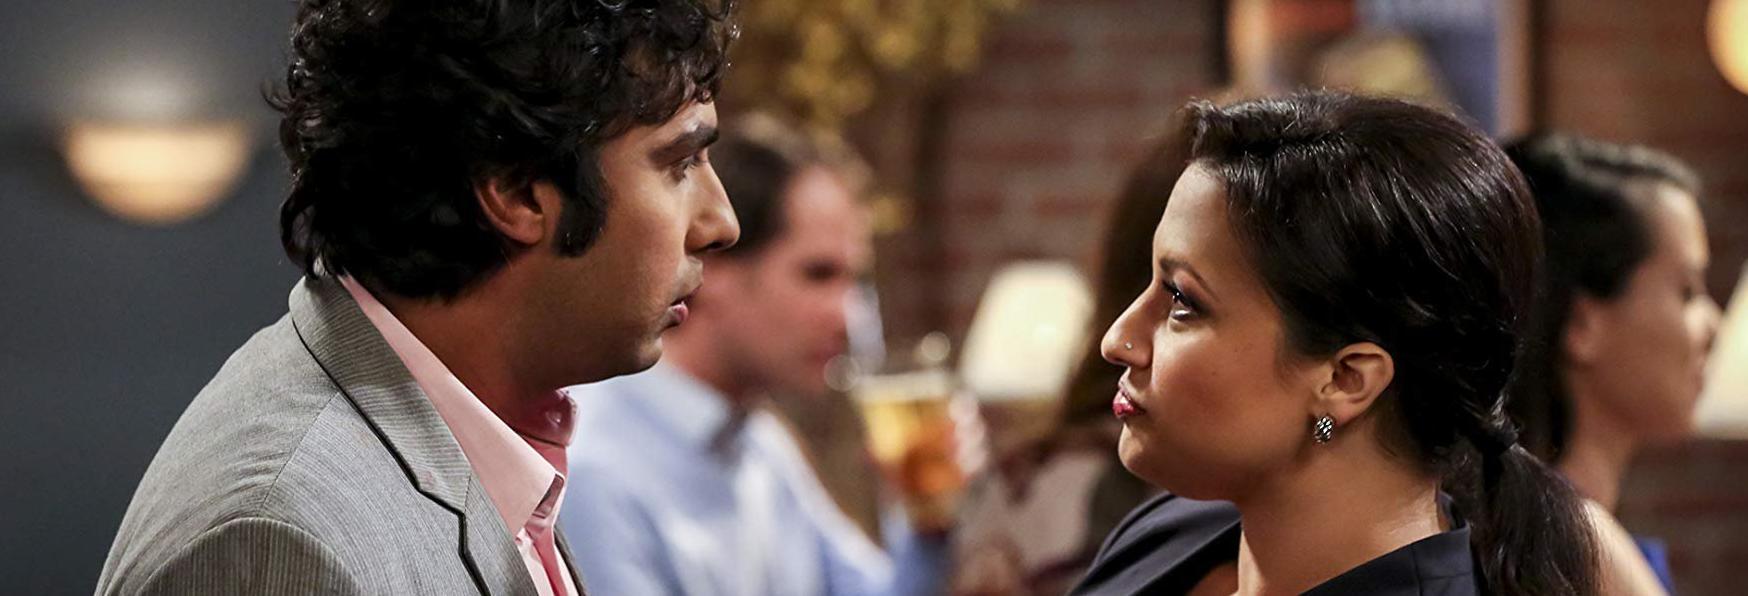 The Big Bang Theory 12: gli Sceneggiatori motivano gli Sviluppi di Raj